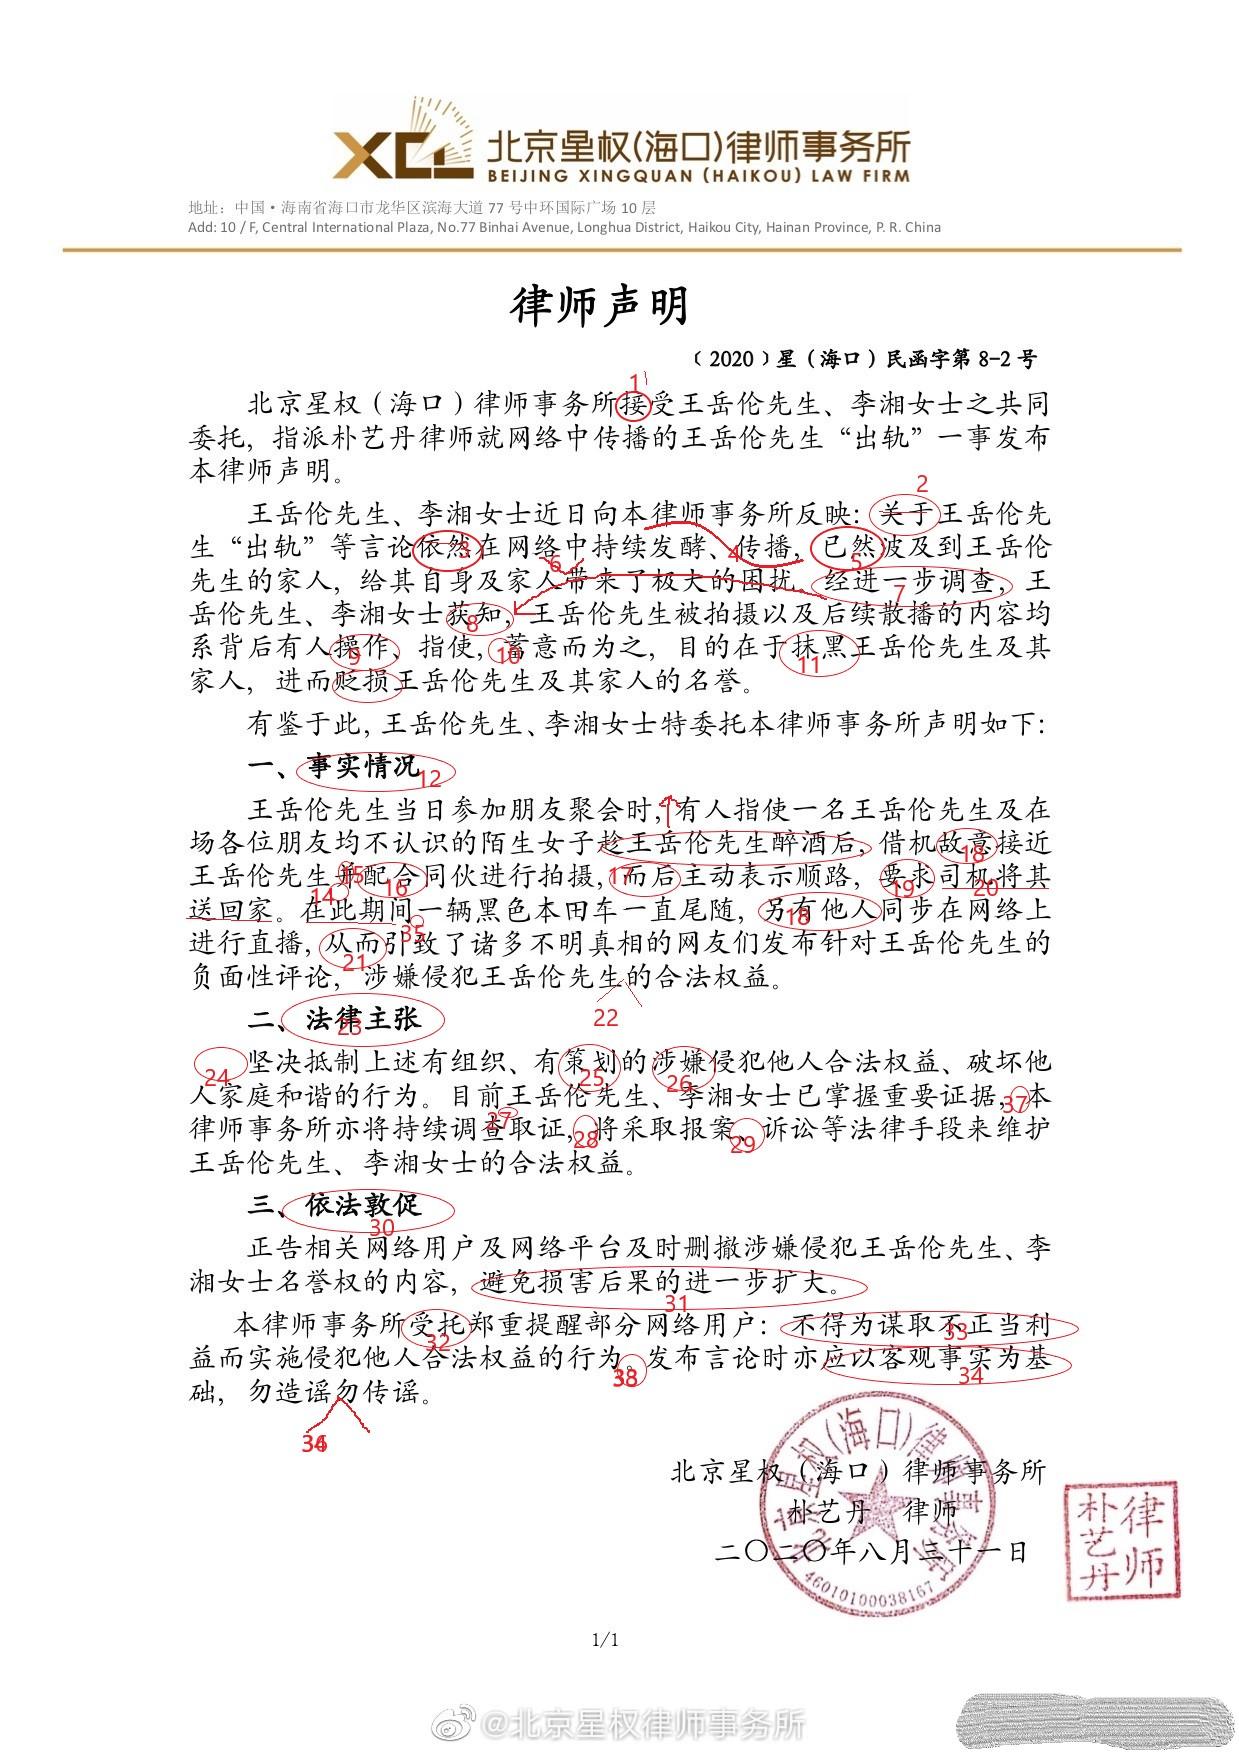 李湘、王岳伦的一纸律师声明竟有38处错误